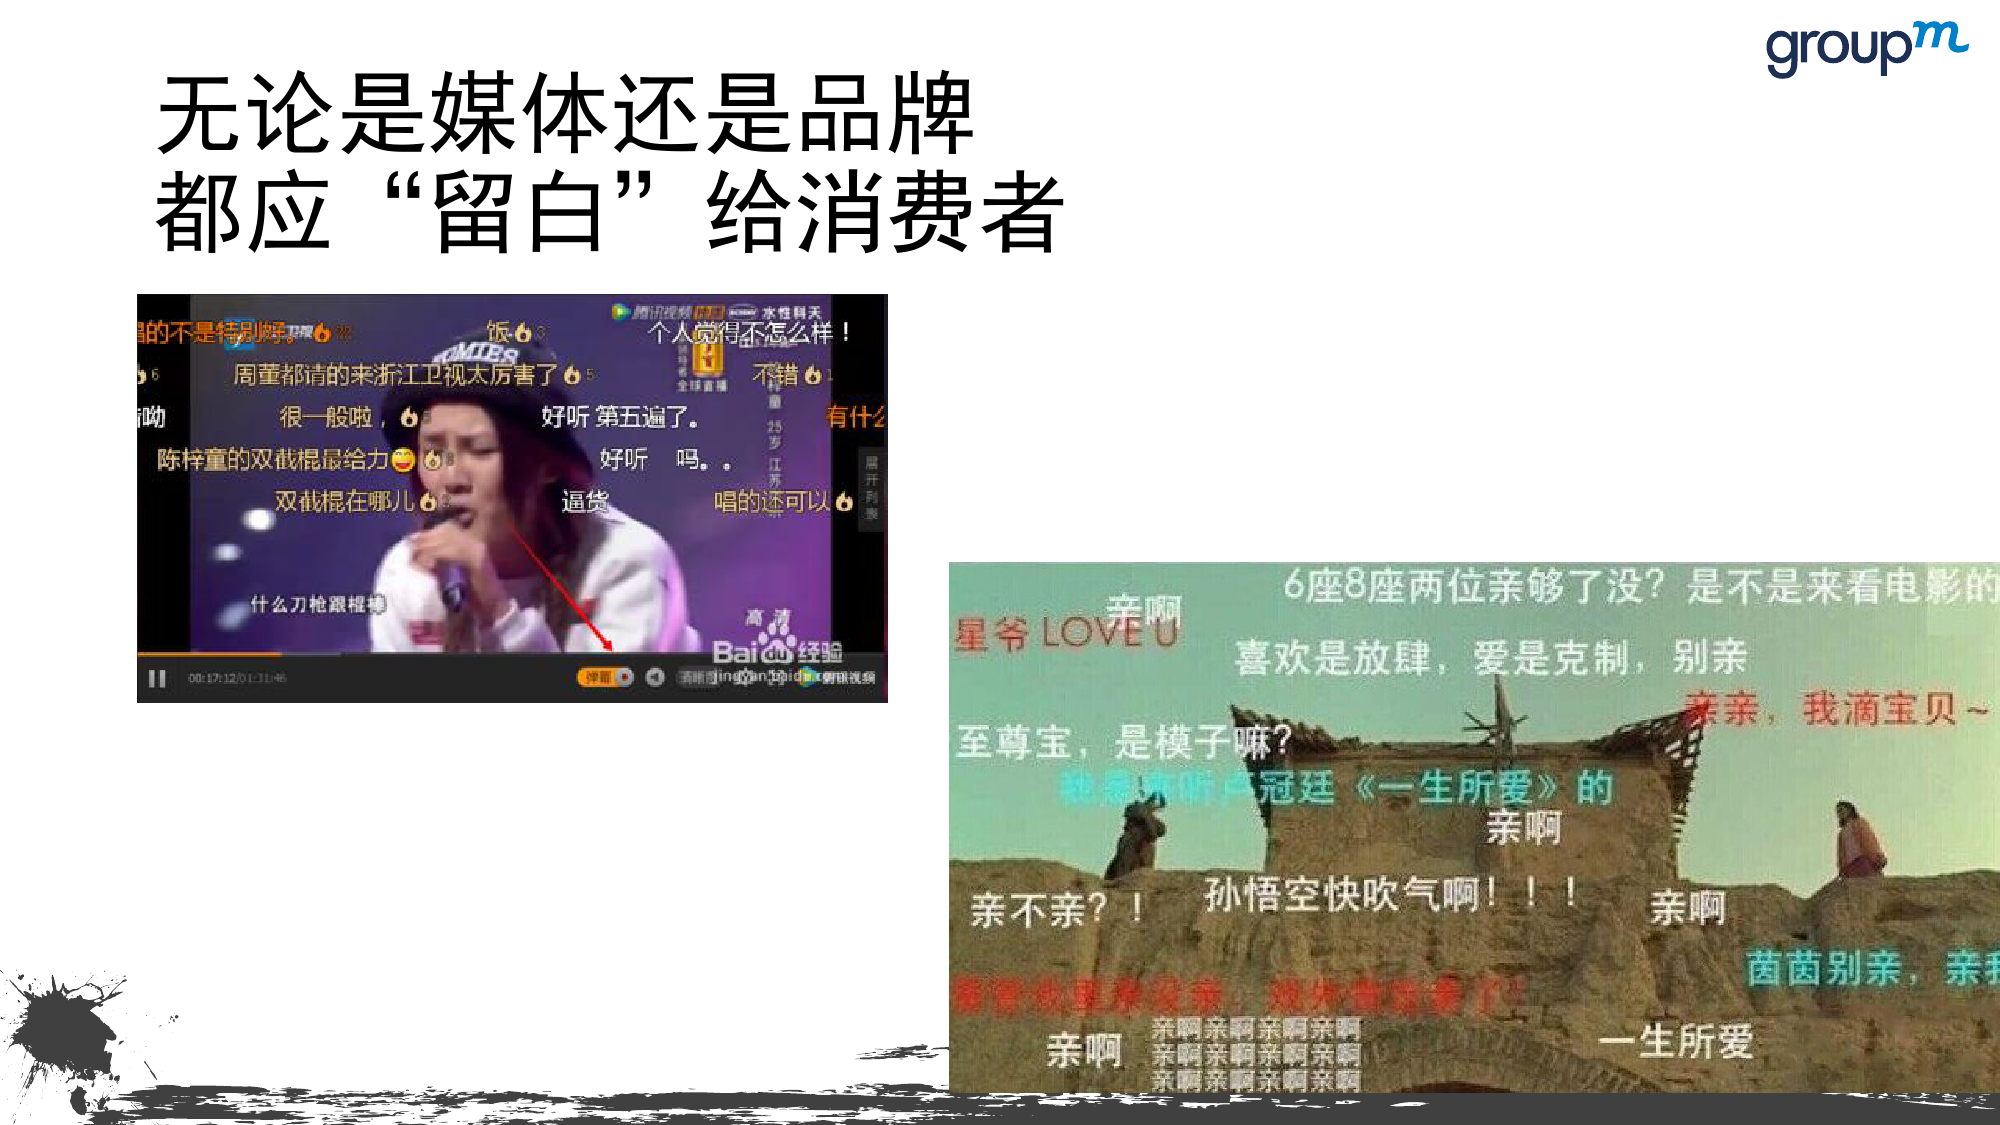 山海今2015中国媒介趋势报告_000051